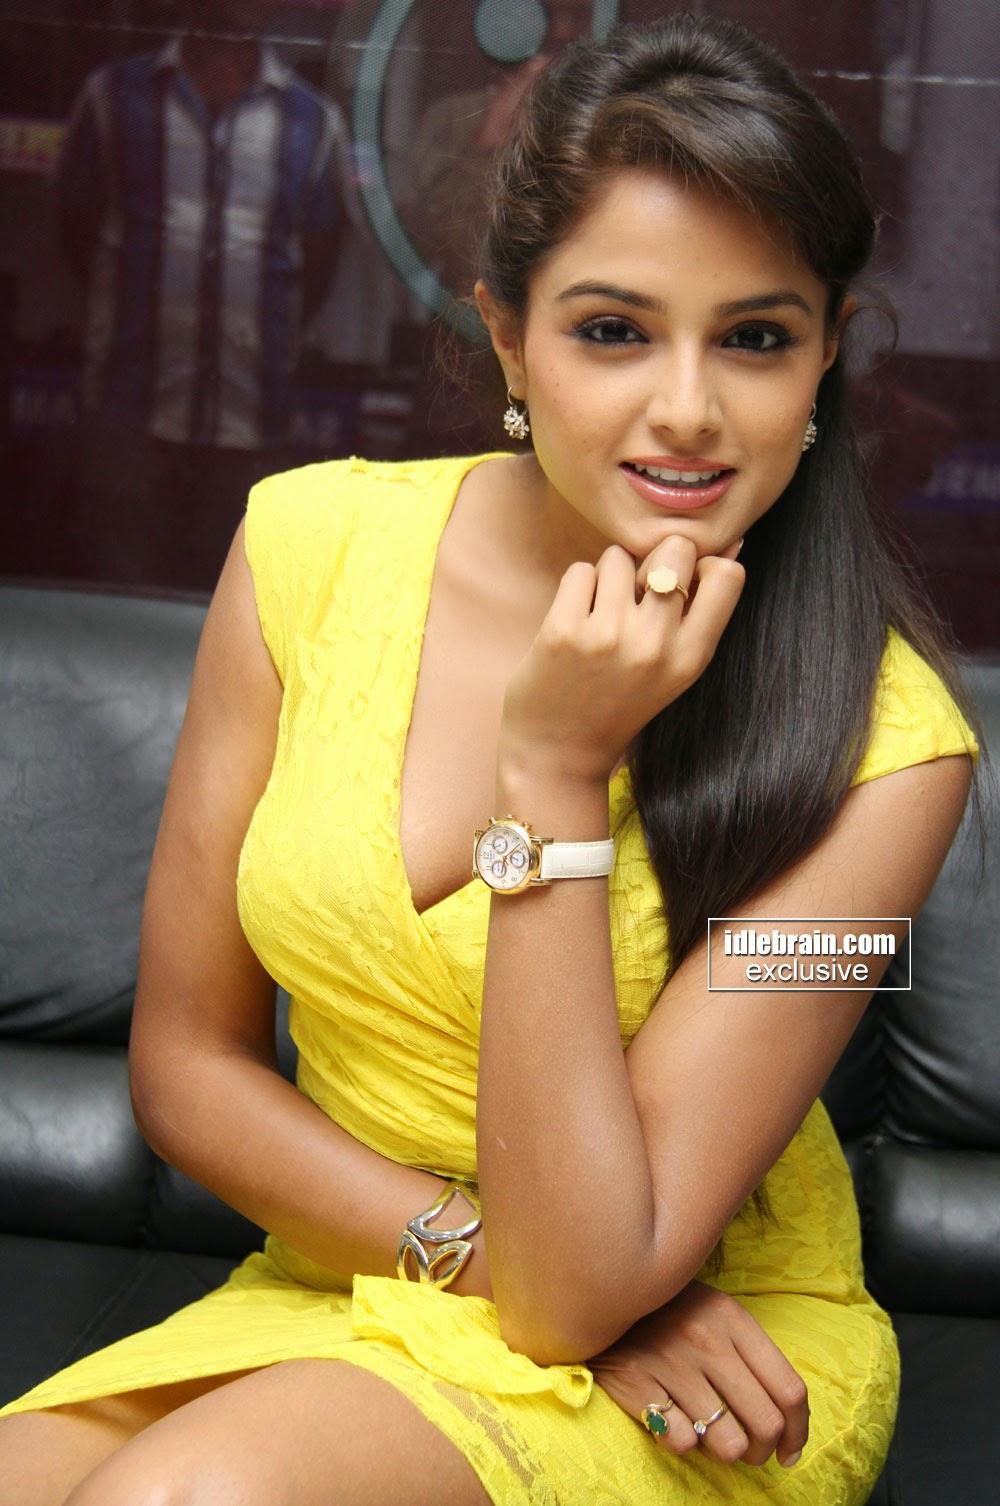 Actress Hot Images Asmita Sood Hot Navel Spicy Gallery-9371